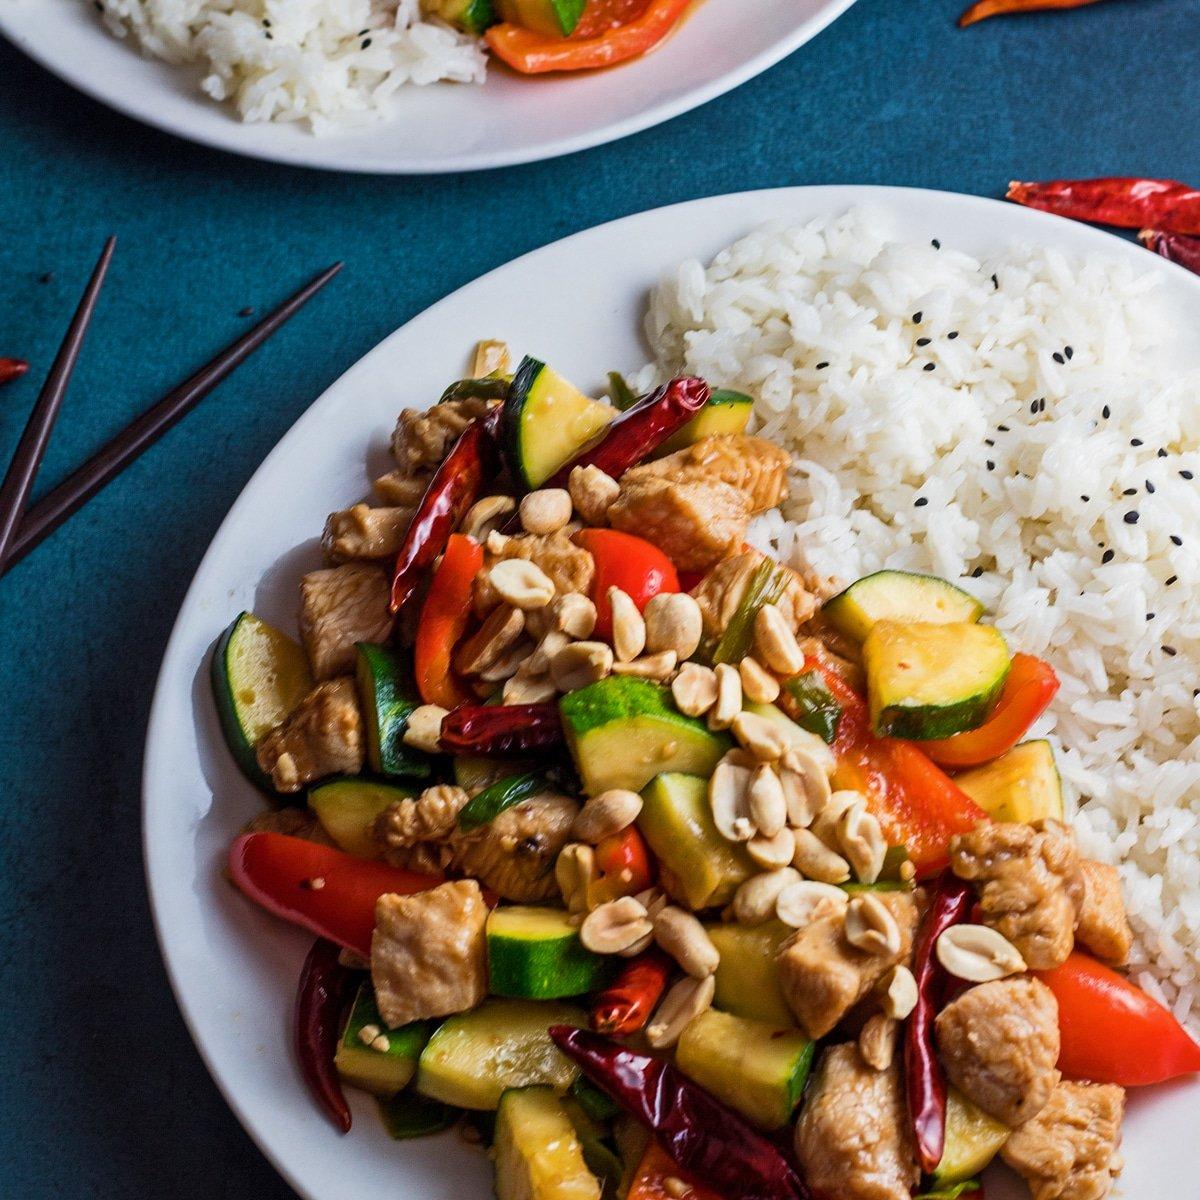 Imagen cuadrada grande de pollo Panda Express Kung Pao servido en un plato blanco con arroz sobre un fondo azul.